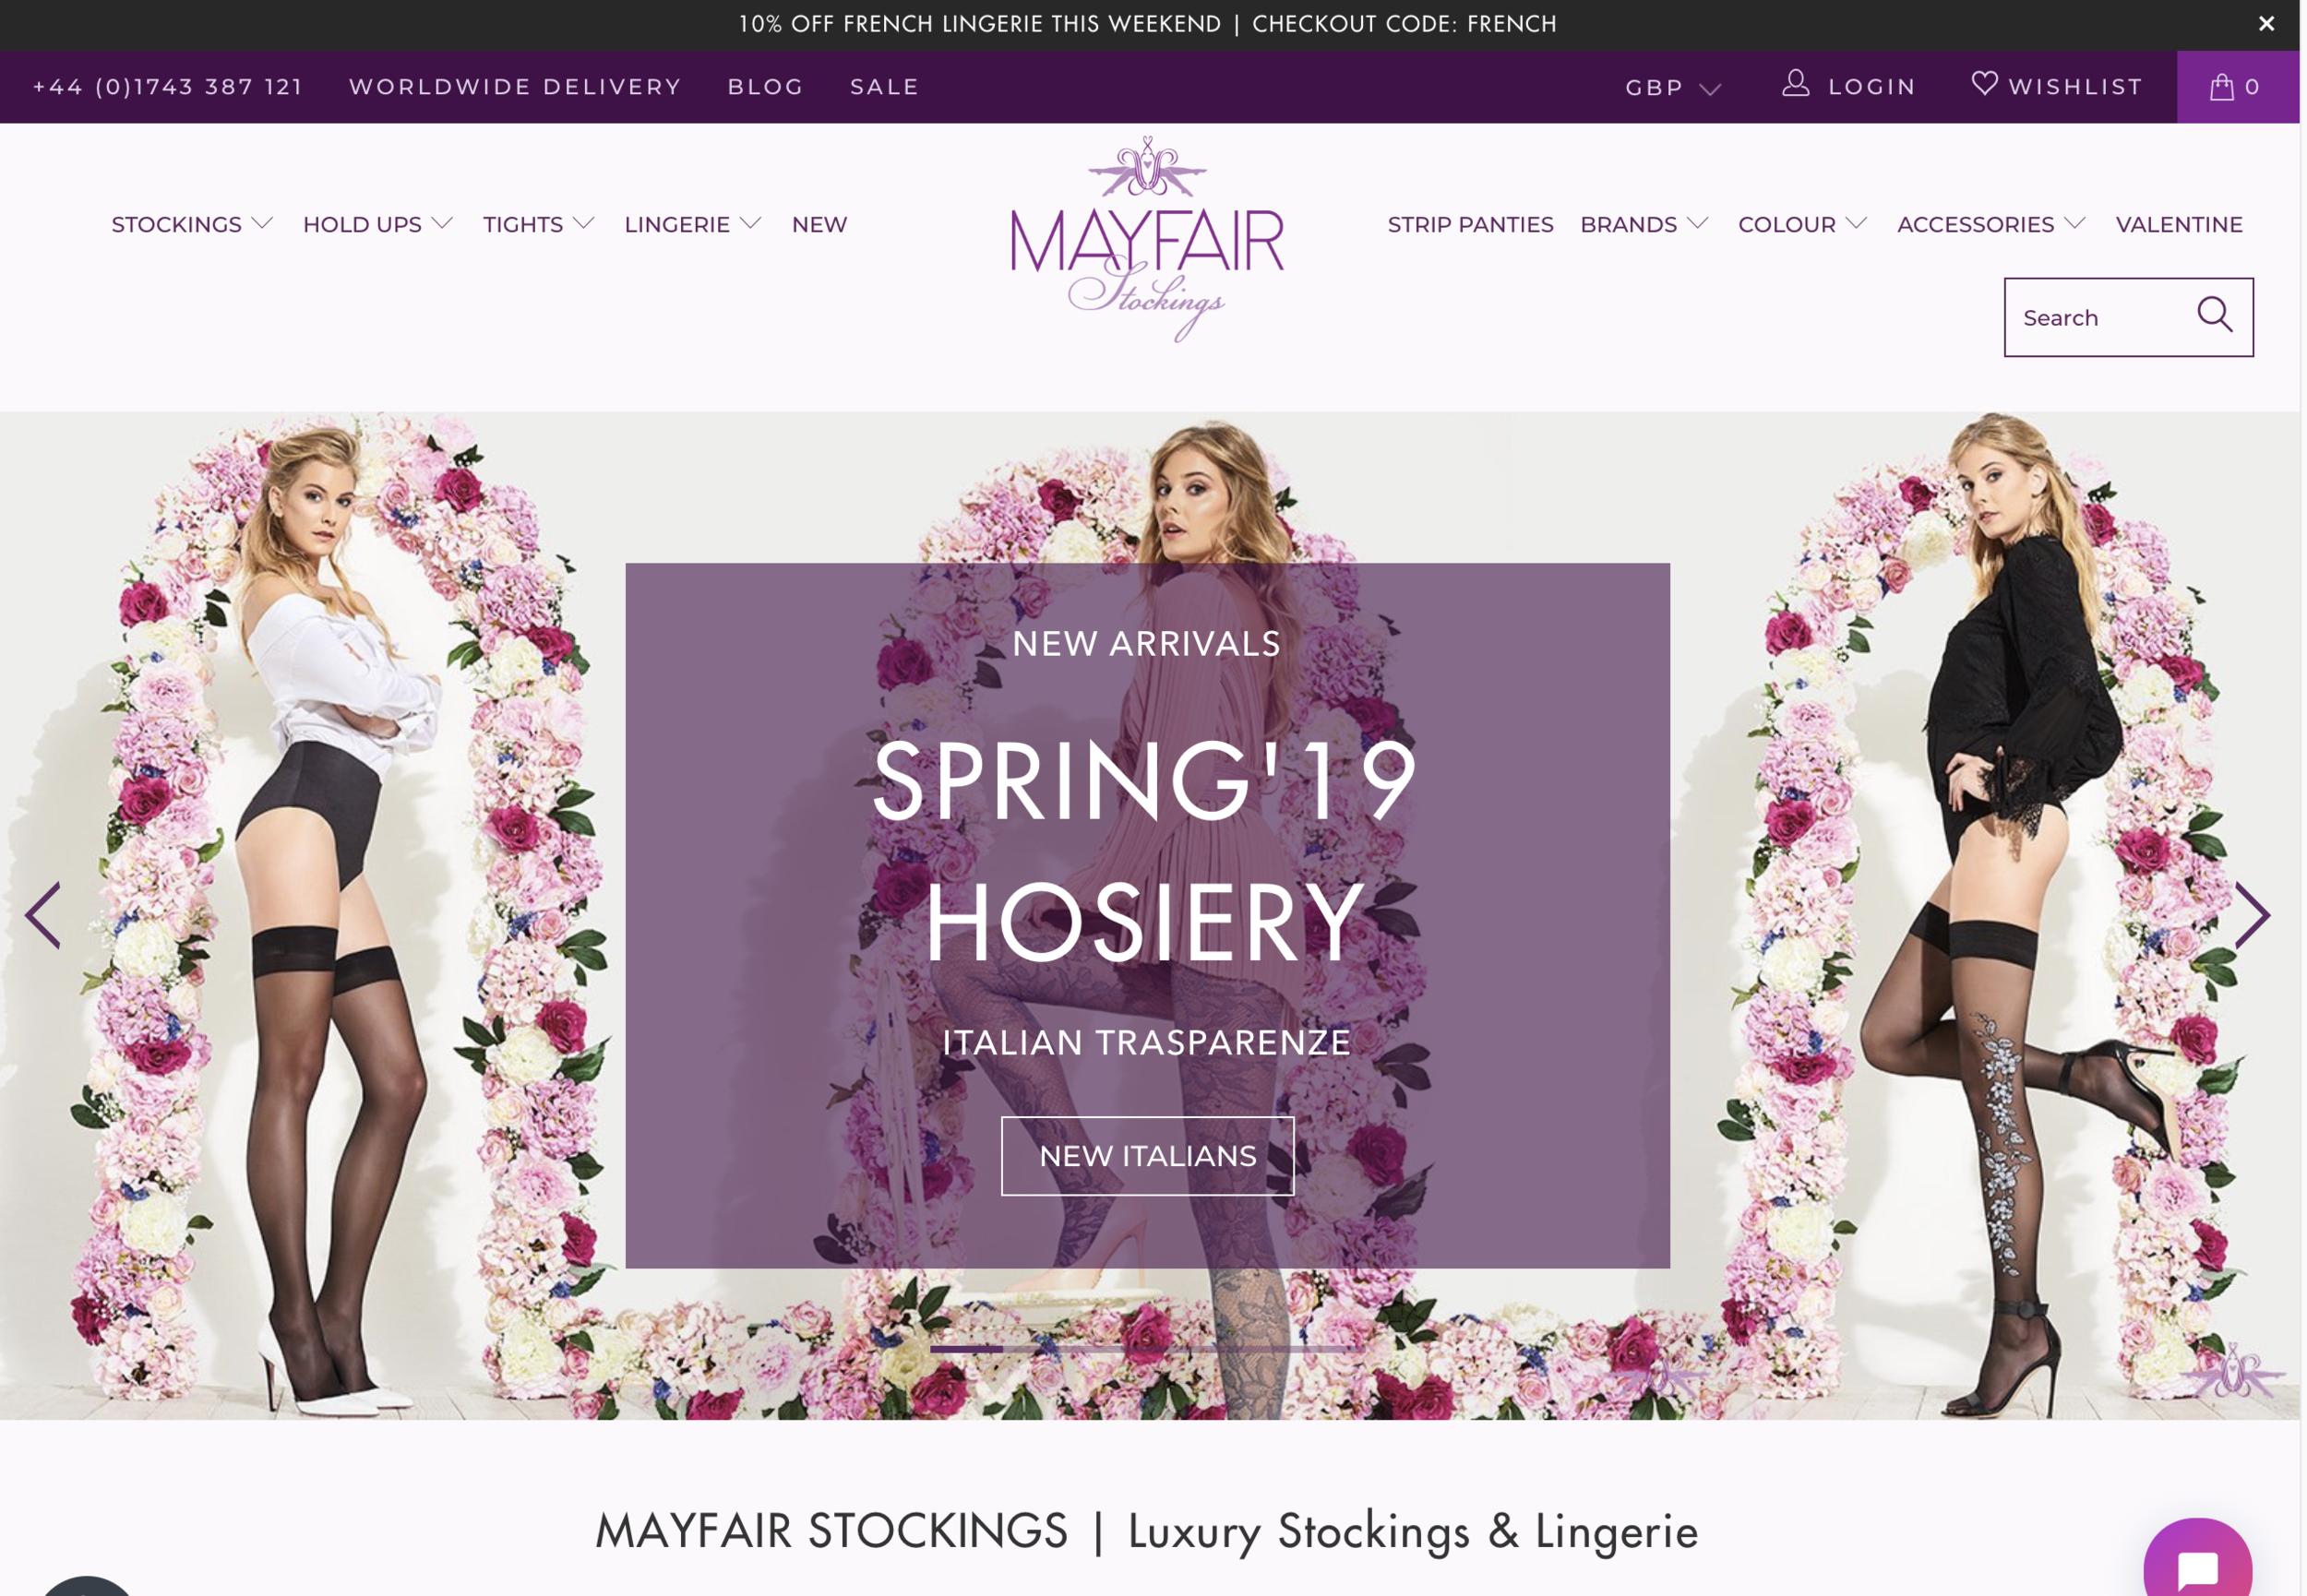 Mayfair - A top three UK hosiery retailerwww.mayfairstockings.com